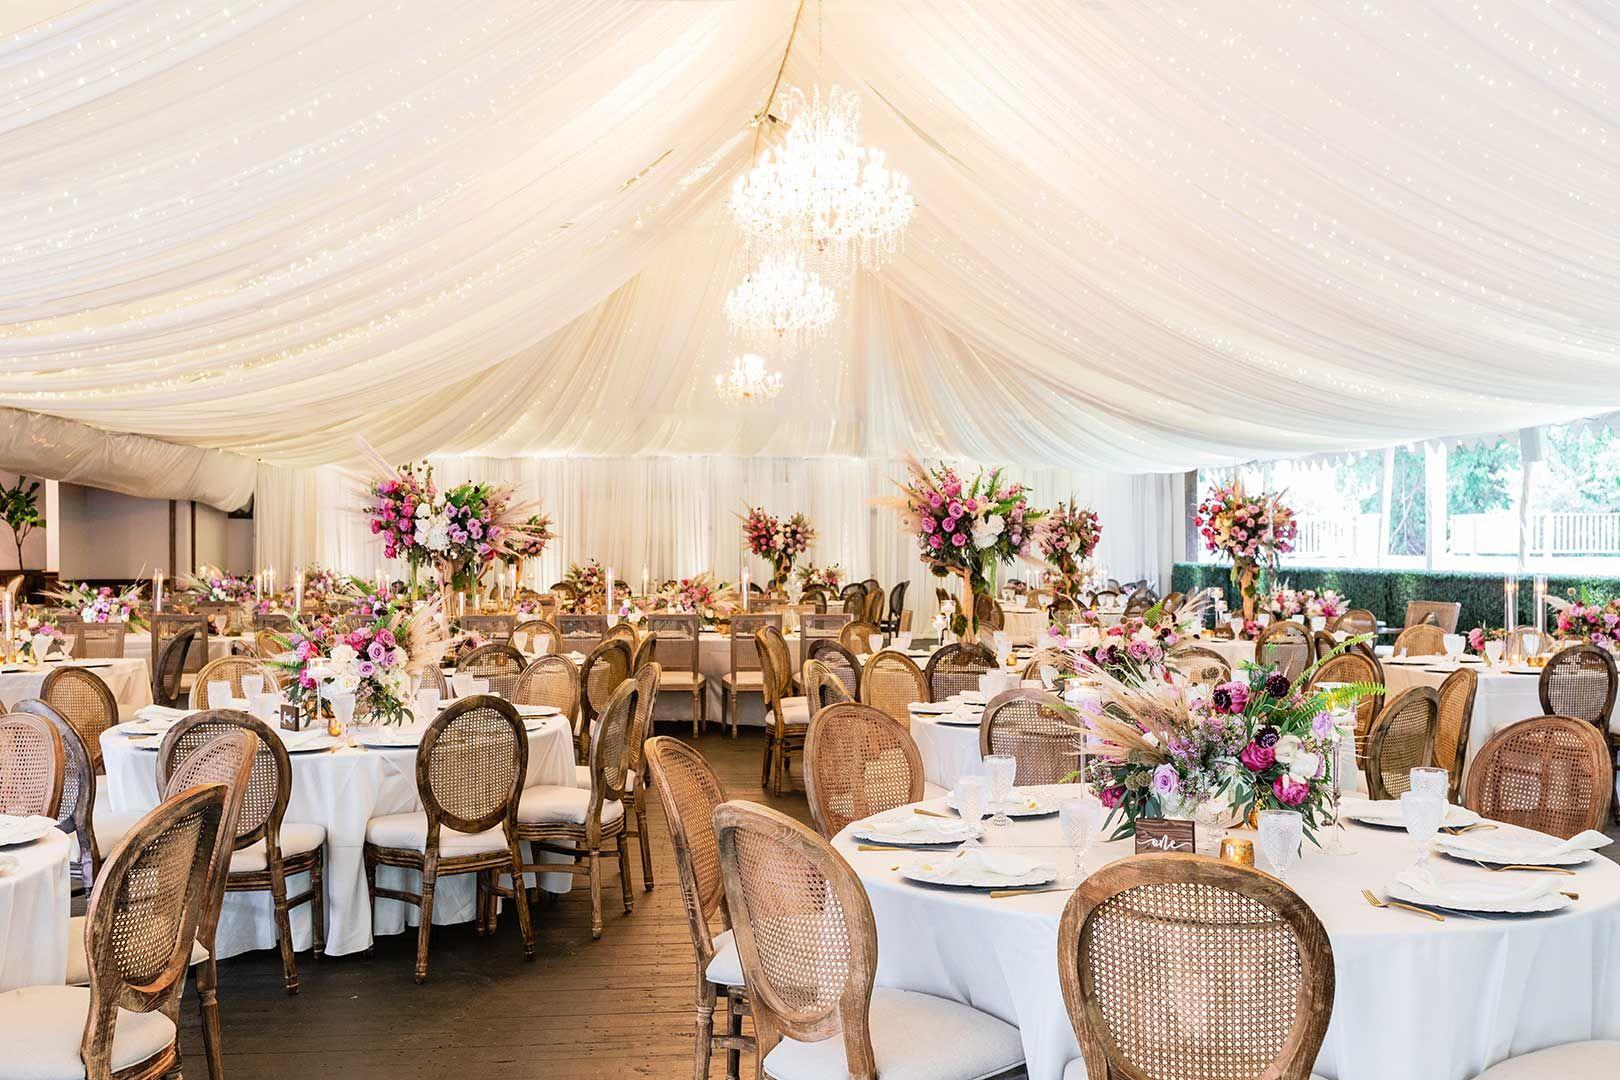 Romantic Rustic Wedding In 2020 Romantic Rustic Wedding Rustic Wedding Strictly Weddings